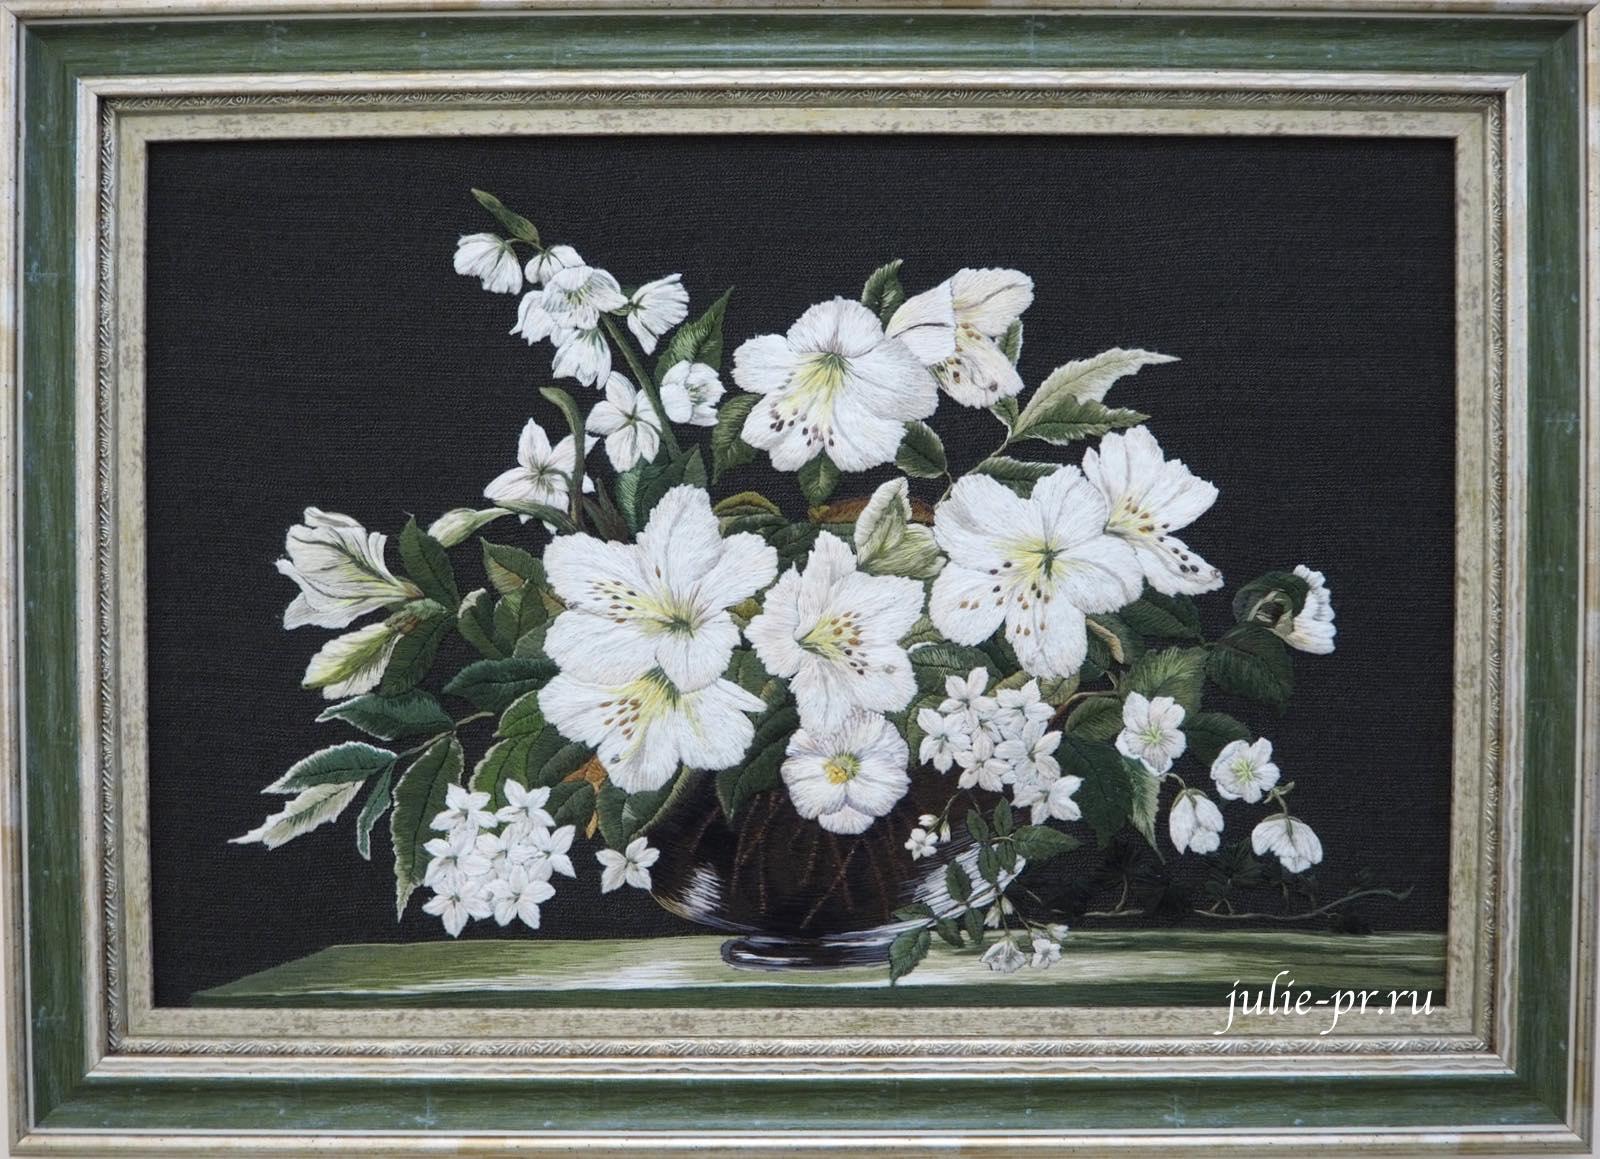 Всероссийская выставка вышивки, вышивка гладью, Белые цветы